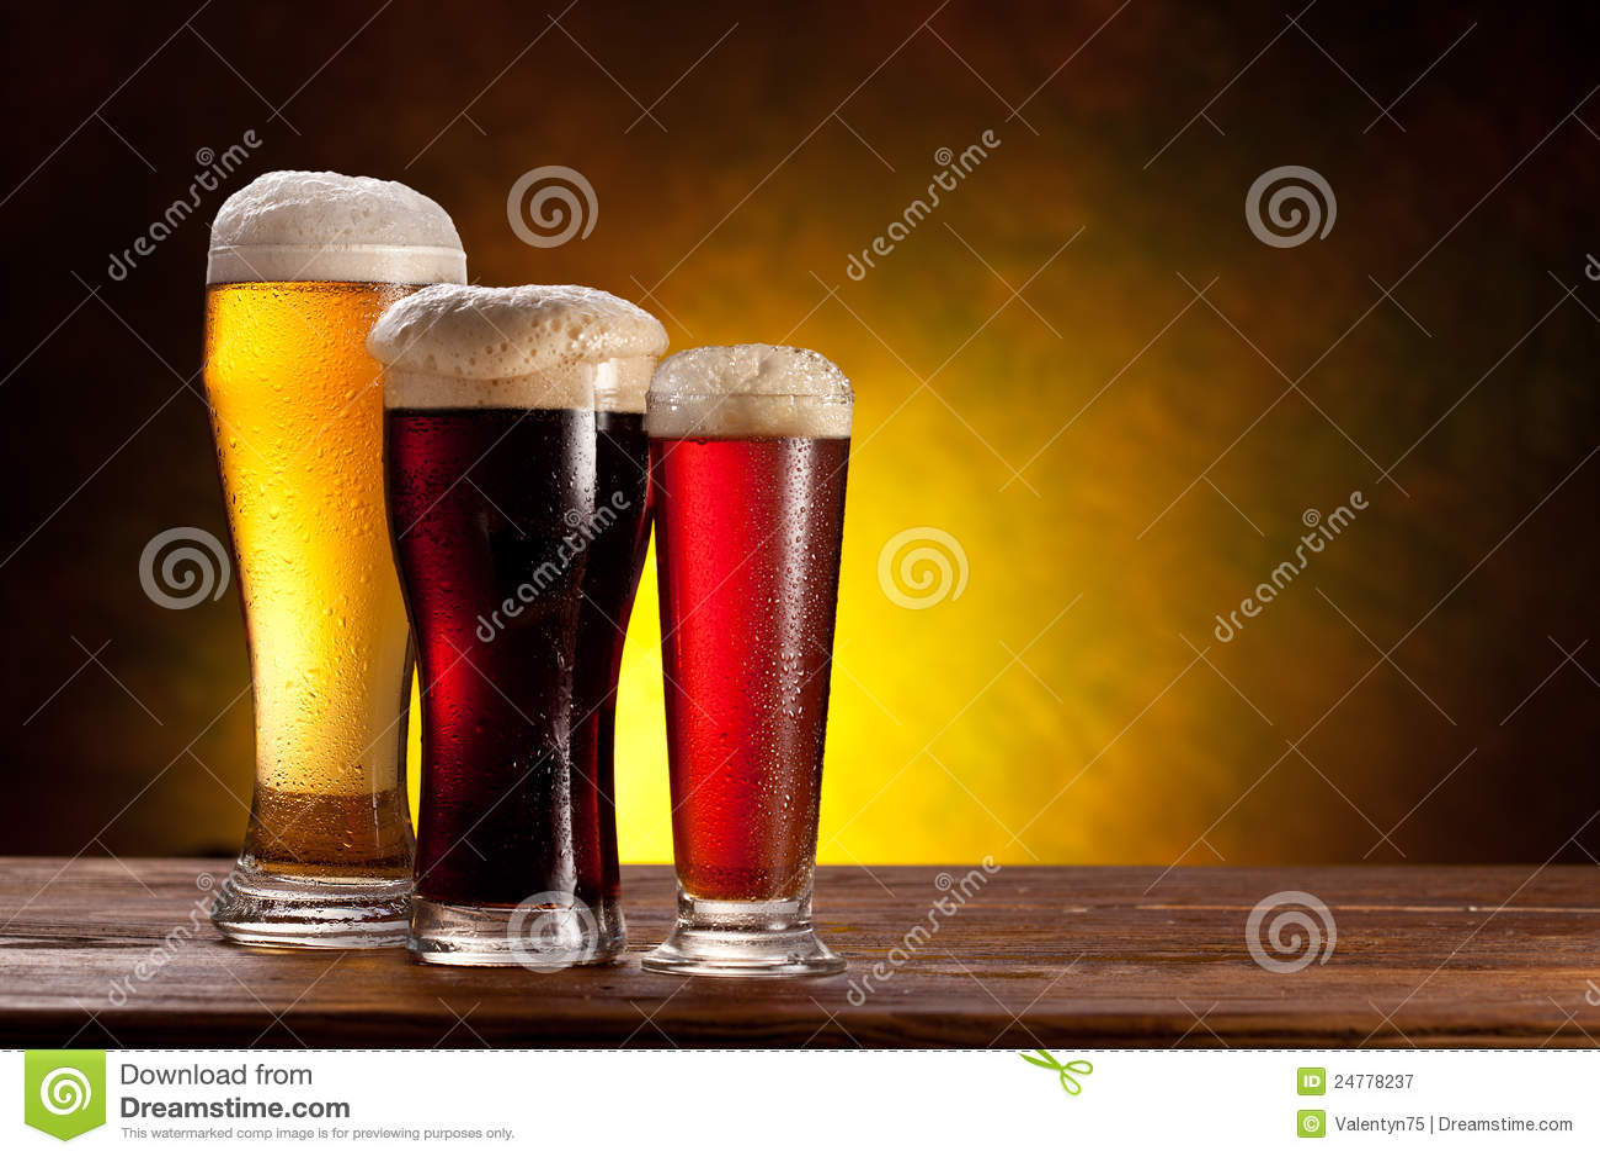 Barilotto di birra con i vetri di birra su una tabella di legno.